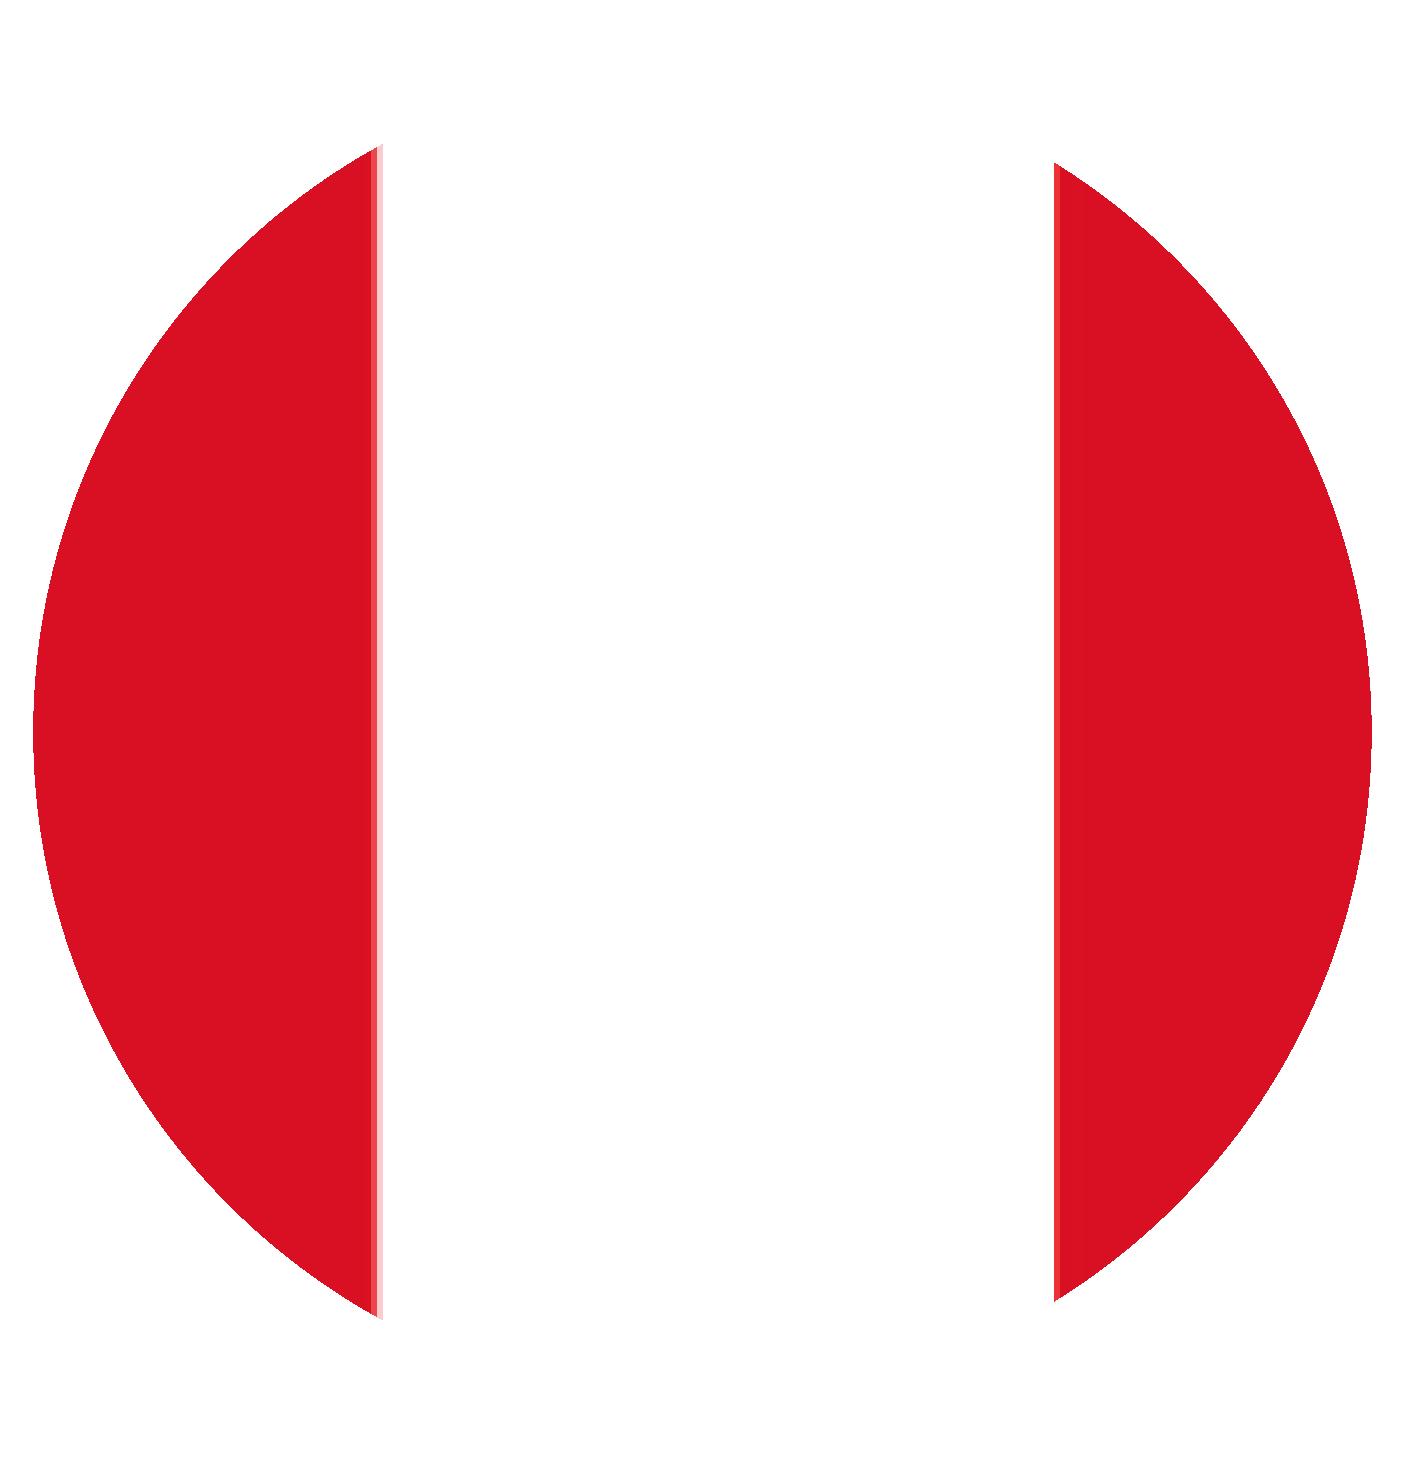 banderas-02